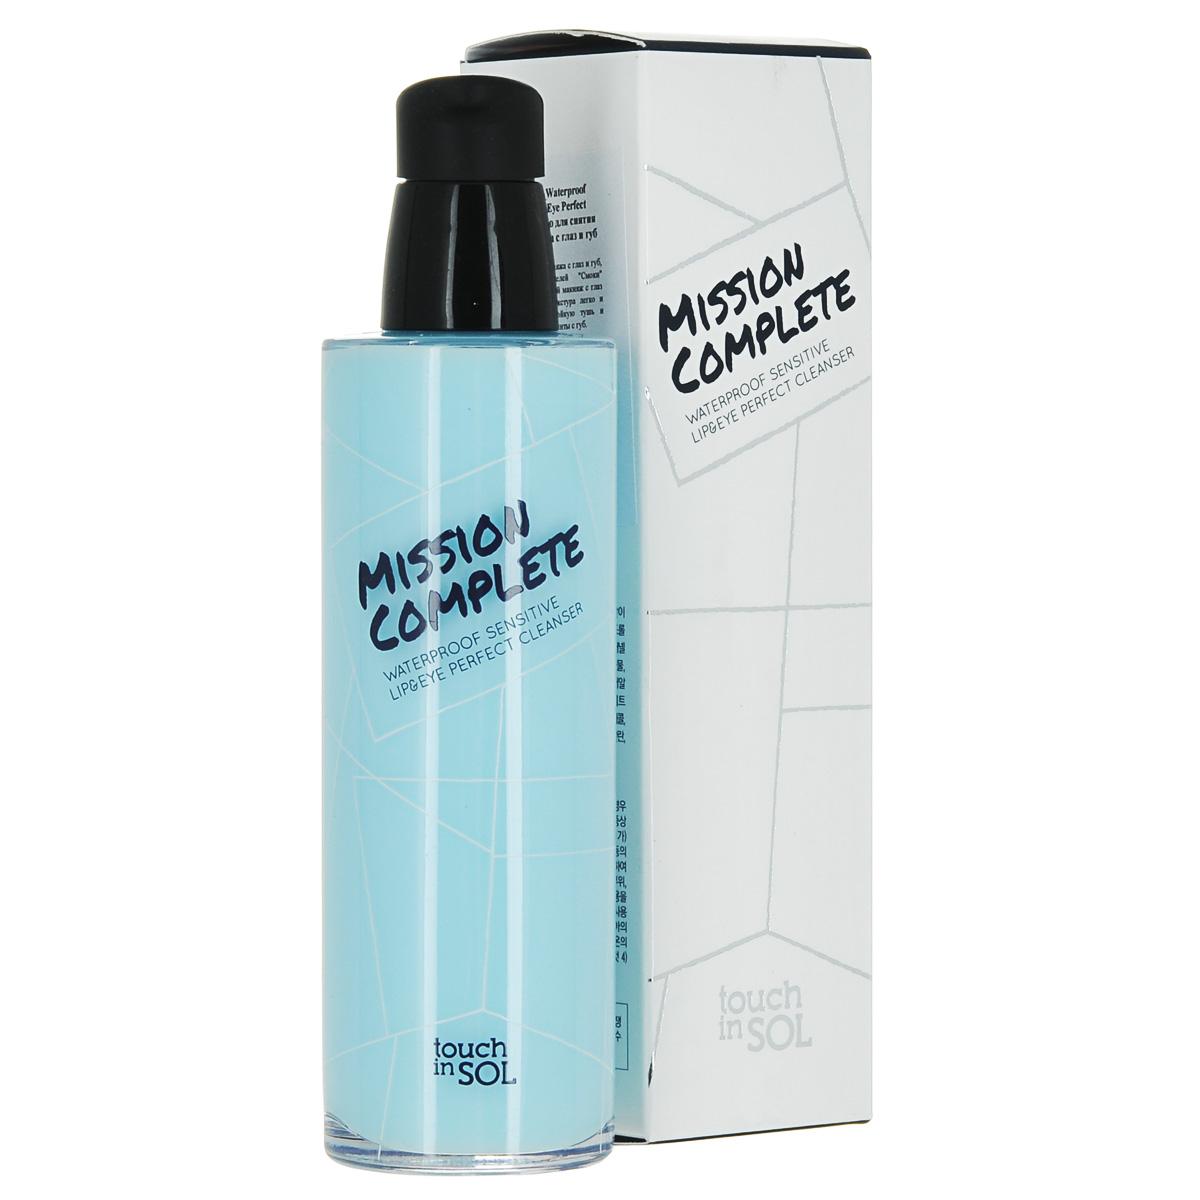 Touch in SOL Средство для снятия стойкого макияжа с глаз и губ Waterproof Sensitive Lip&Eye Perfect Cleanser, 100 млFS-00897Средство для снятия макияжа с глаз и губ, особенно для любителей Смоки макияжа . Удалит тяжелый макияж с глаз в два счета. Гелевая текстура легко и быстро смывает водостойкую тушь и супер стойкие помады и тинты с губ.